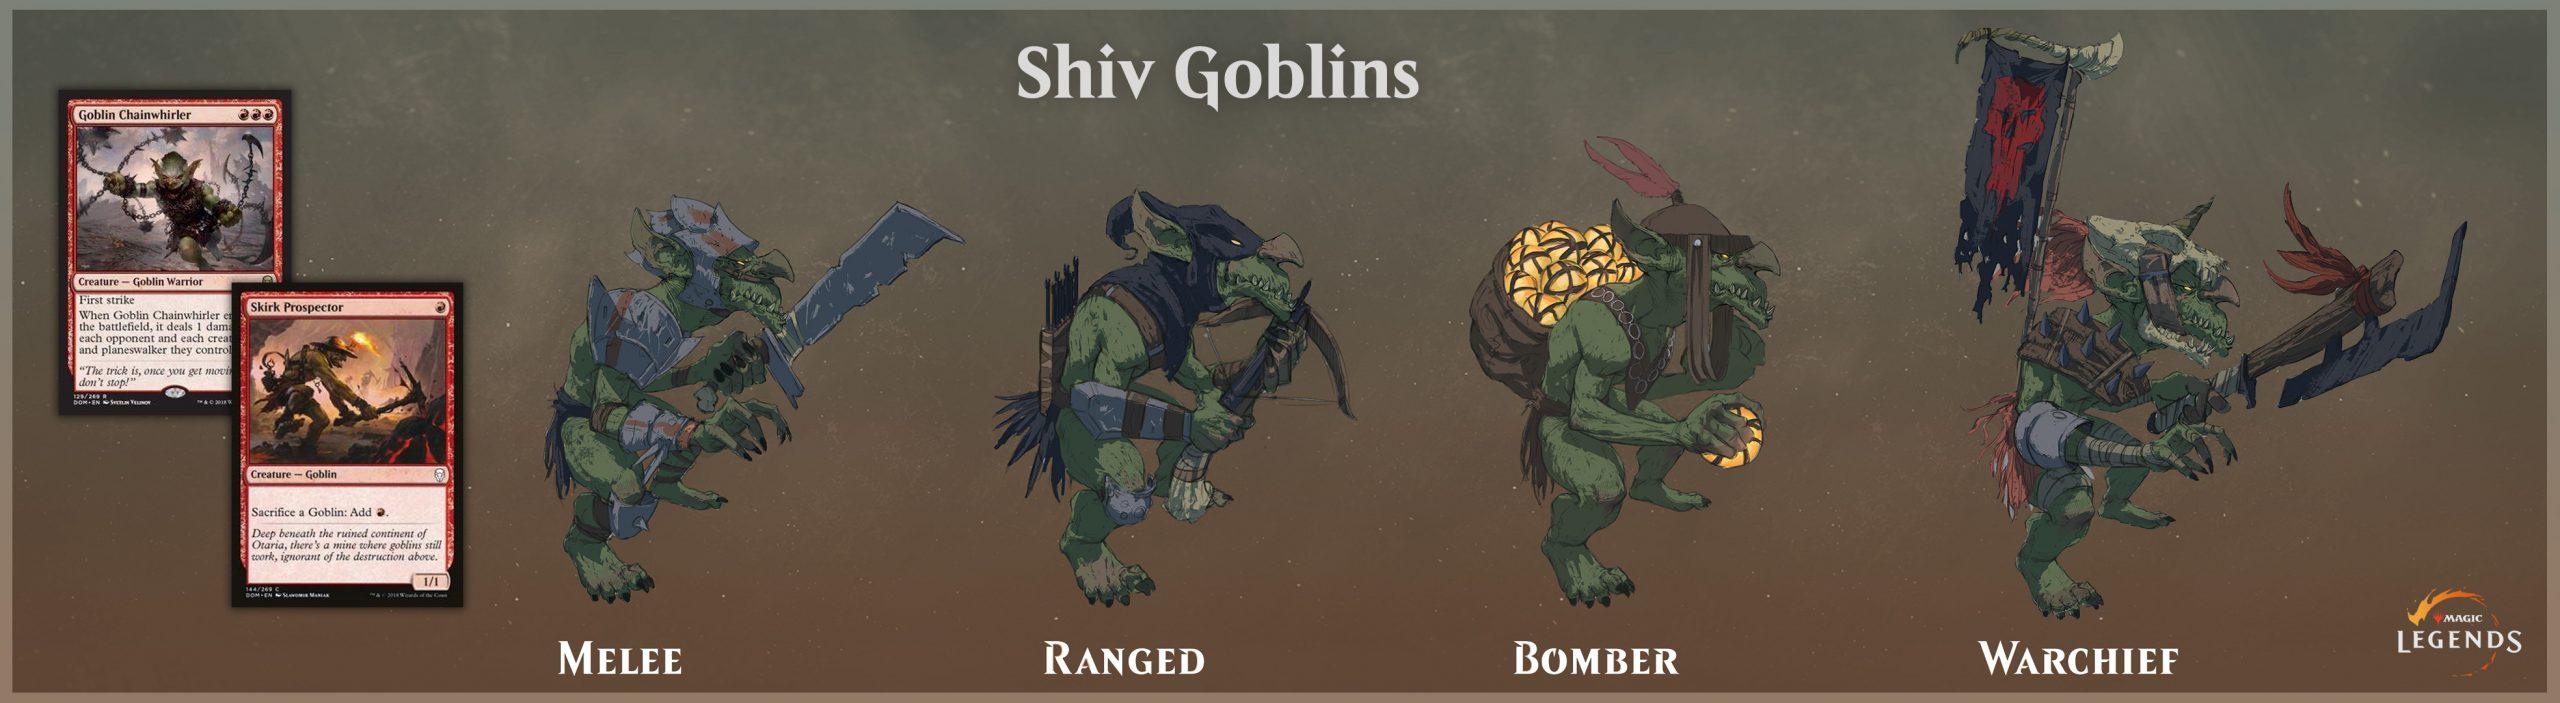 Shiv Goblin